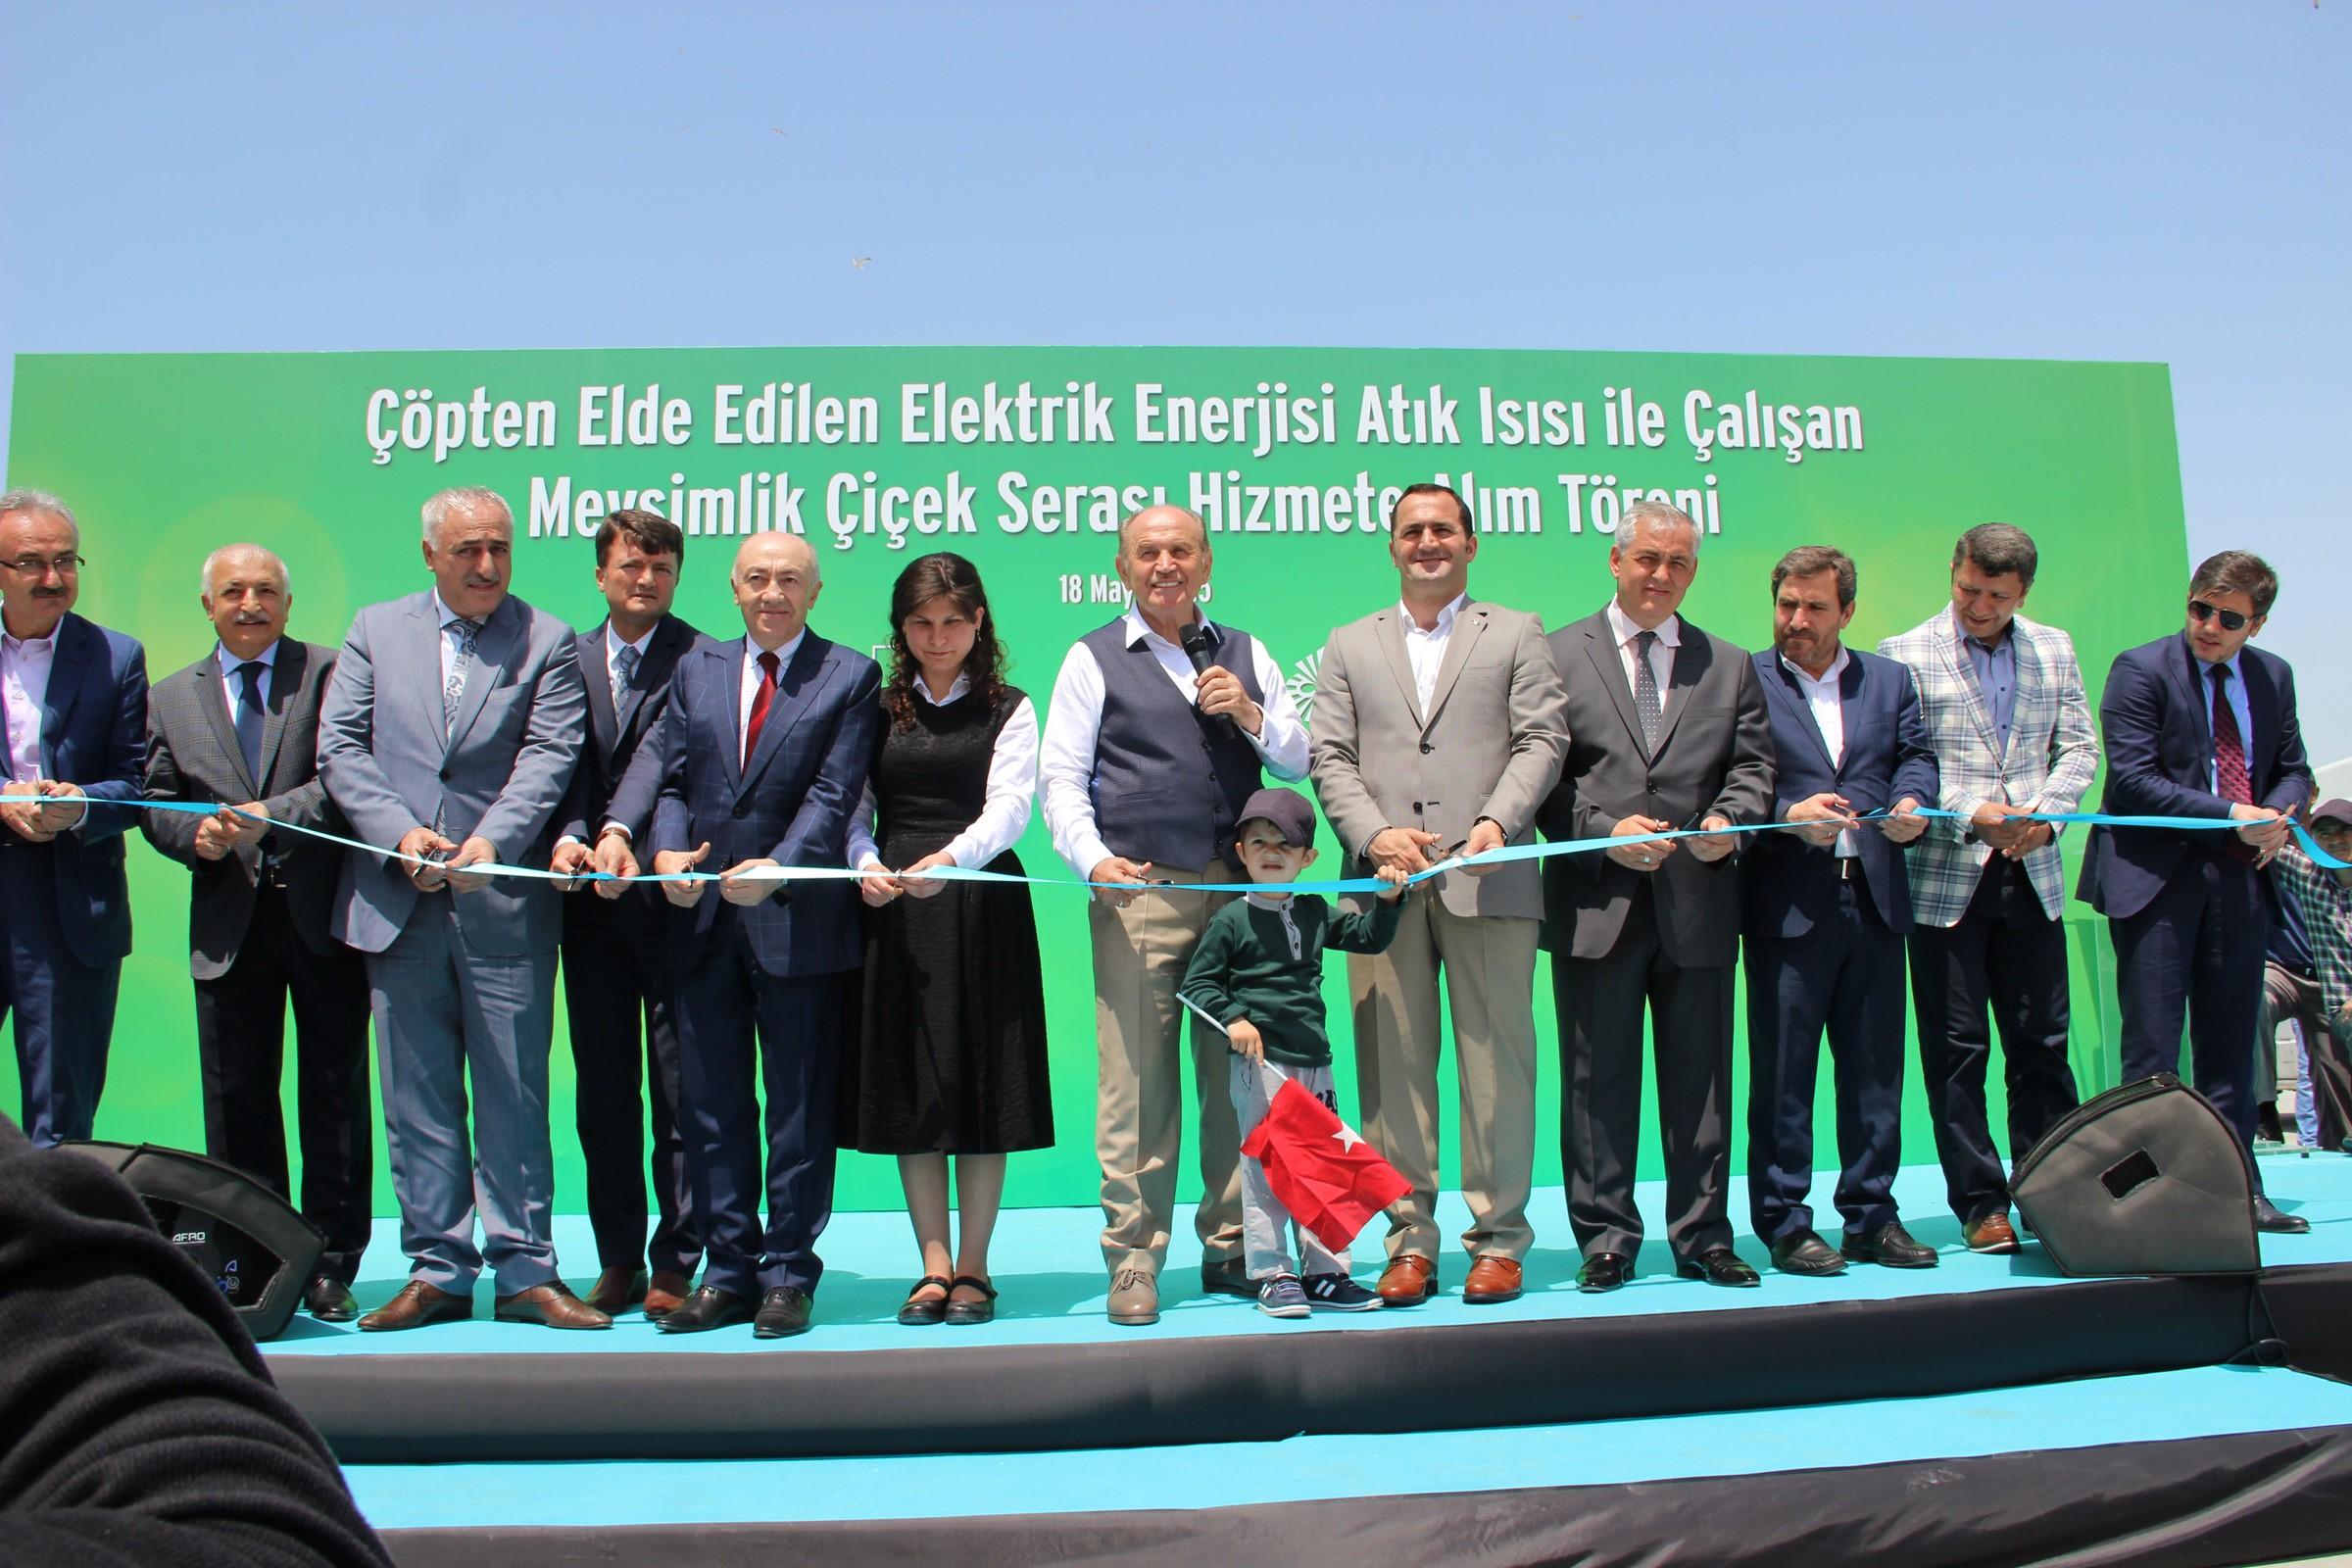 Çöpten Elde Edilen Elektrik Enerjisi Atık Isısı ile çalışan Mevsimlik Seramızın Açılış Yapıldı.